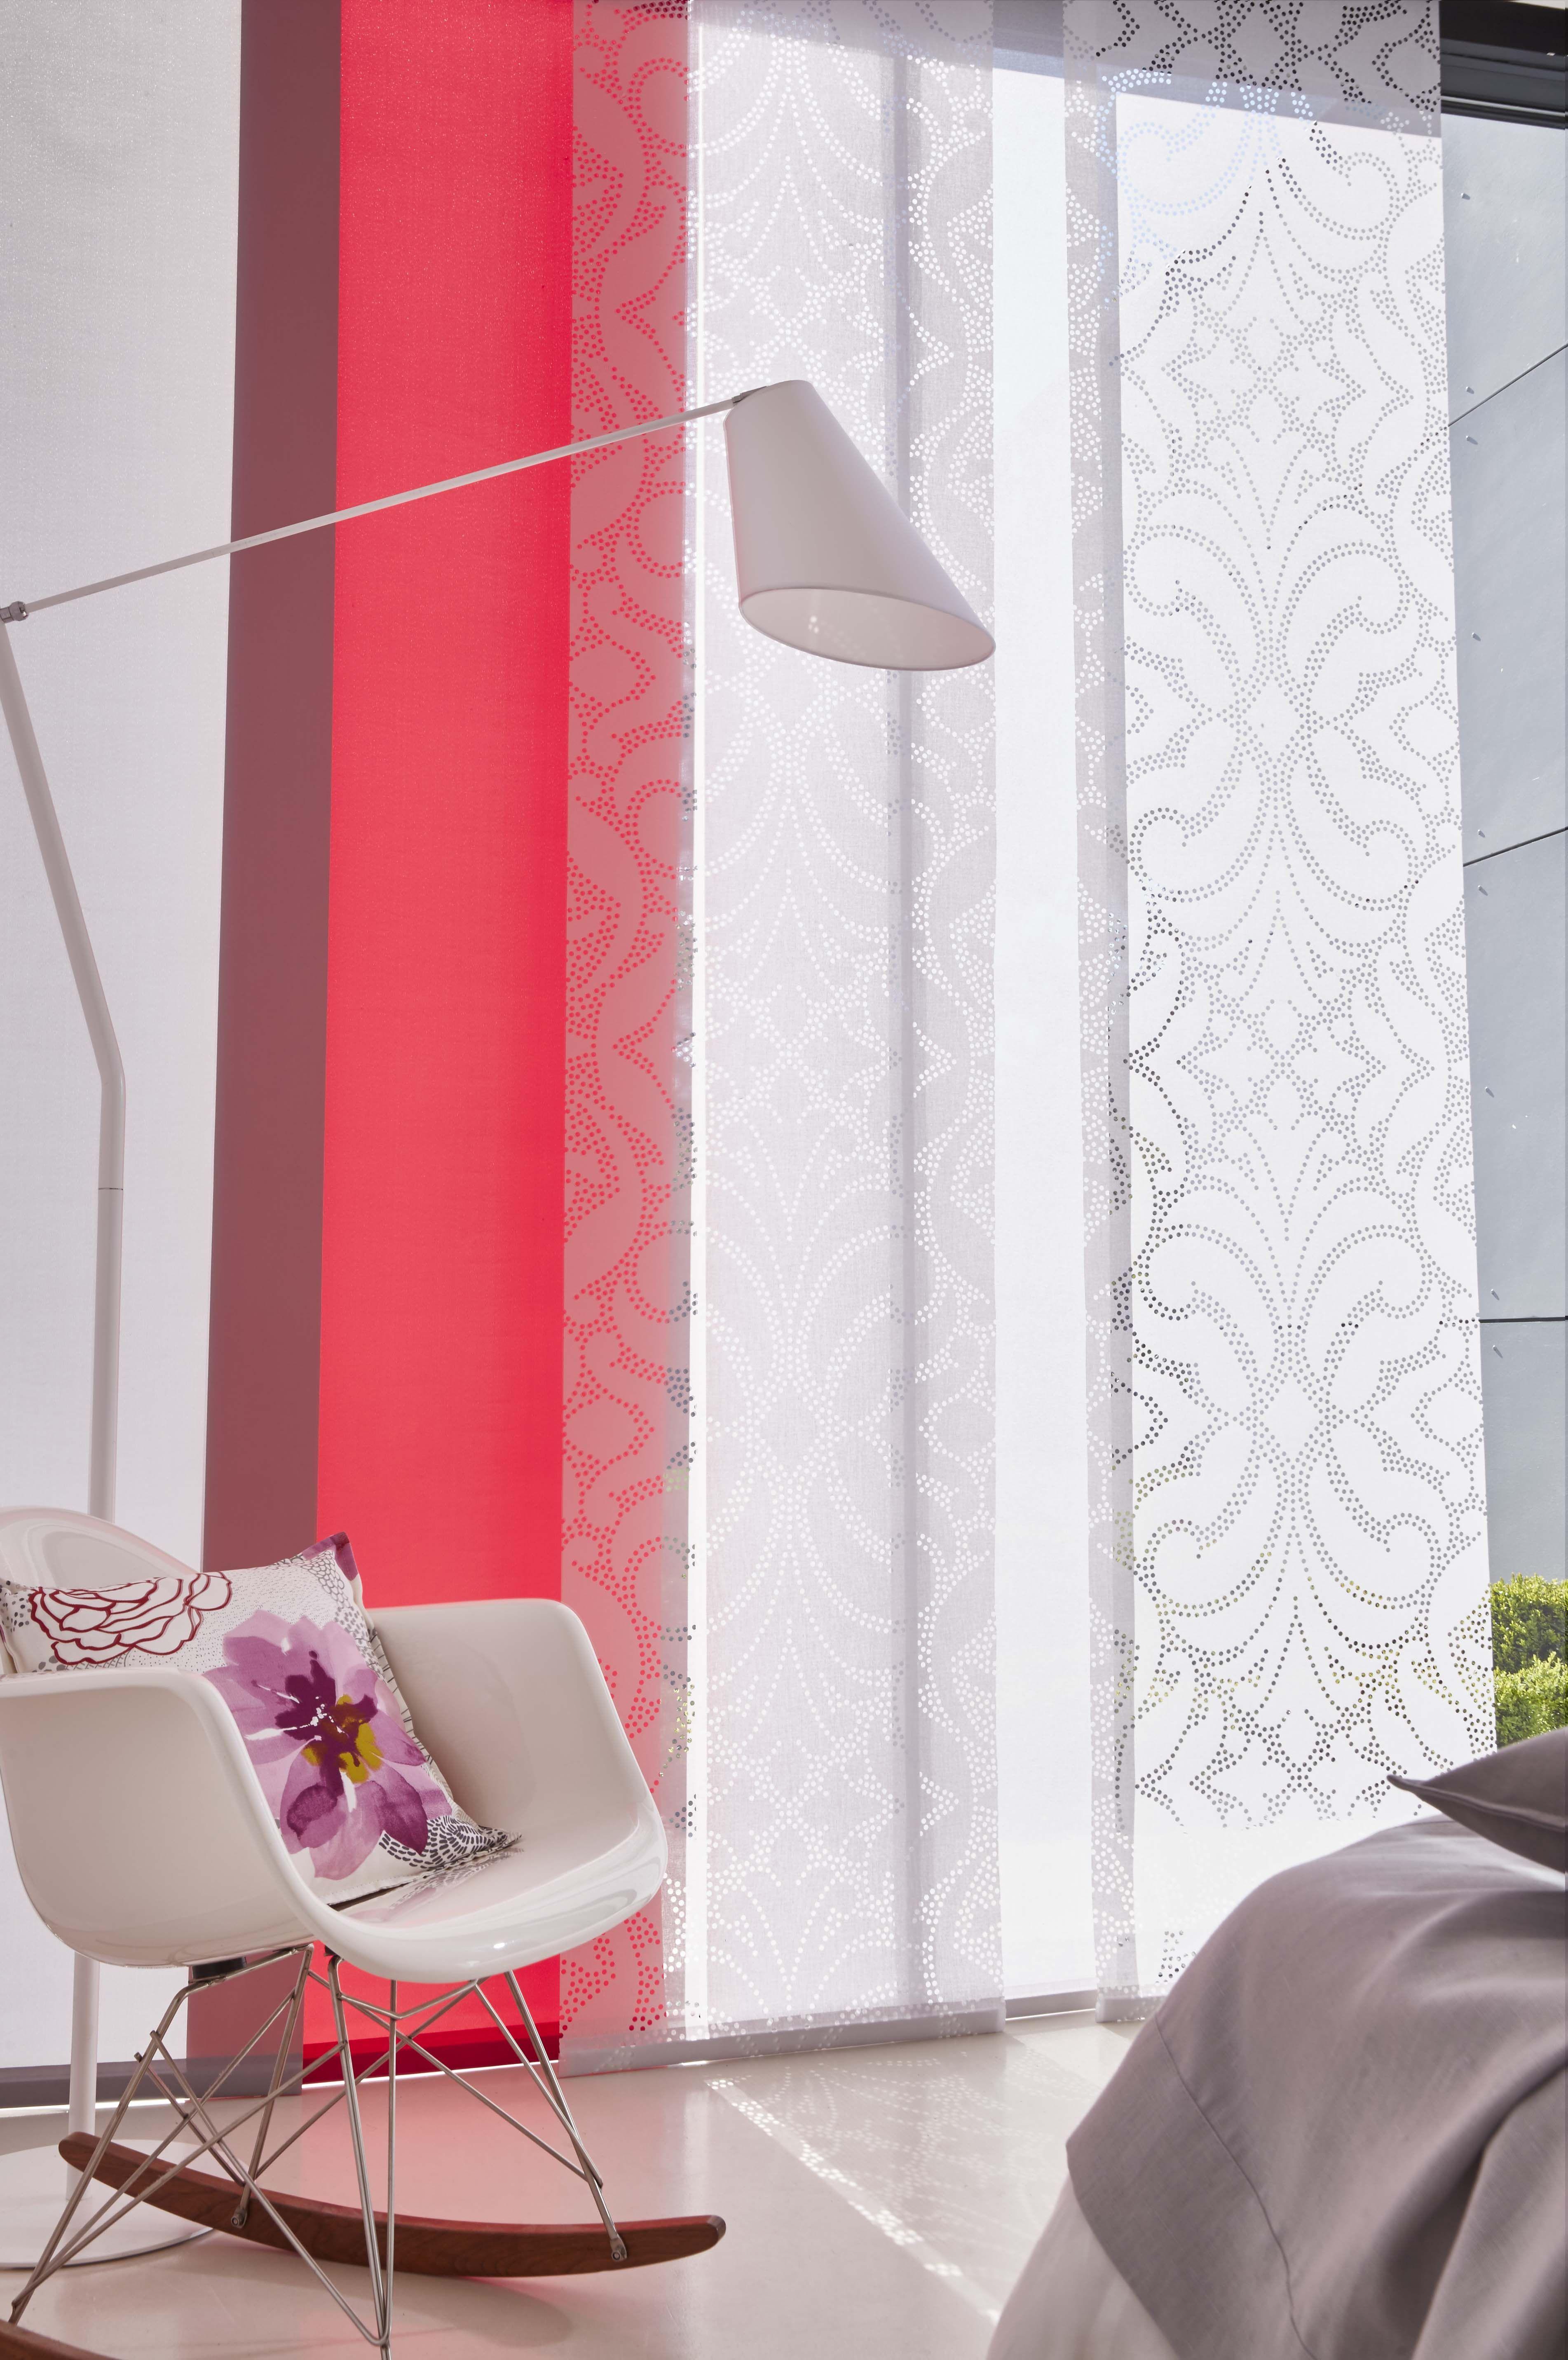 Chez Vous | Panneau Japonais, Panneau Deco Et Deco tout Rideau Japonais Design